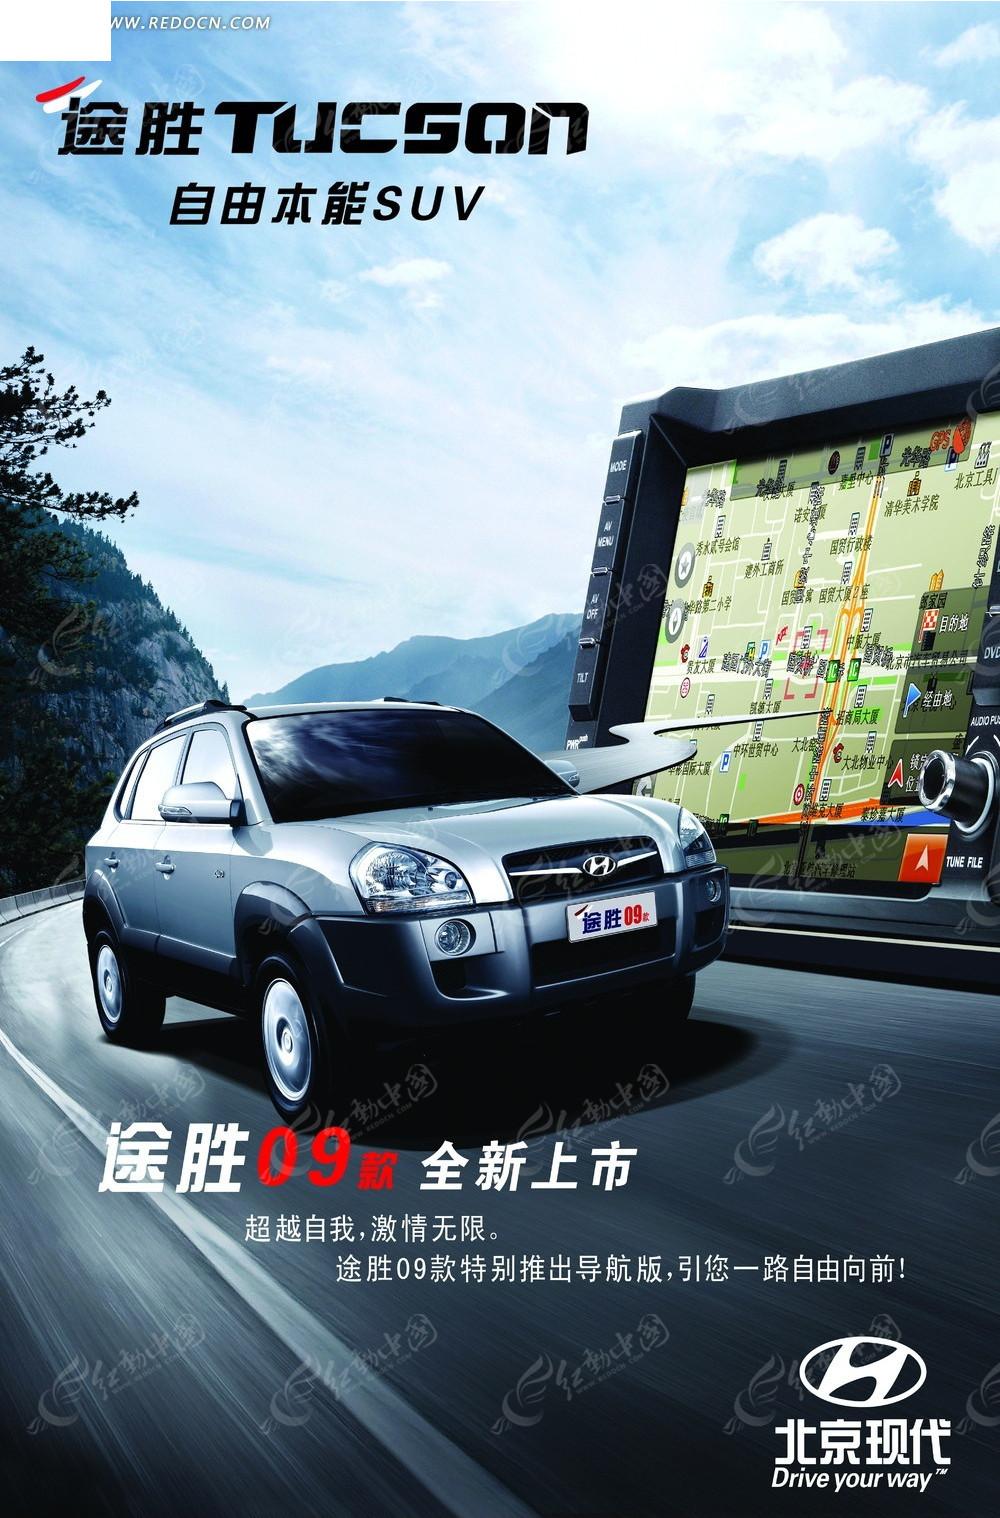 北京现代途胜汽车海报psd分层模板图片 高清图片